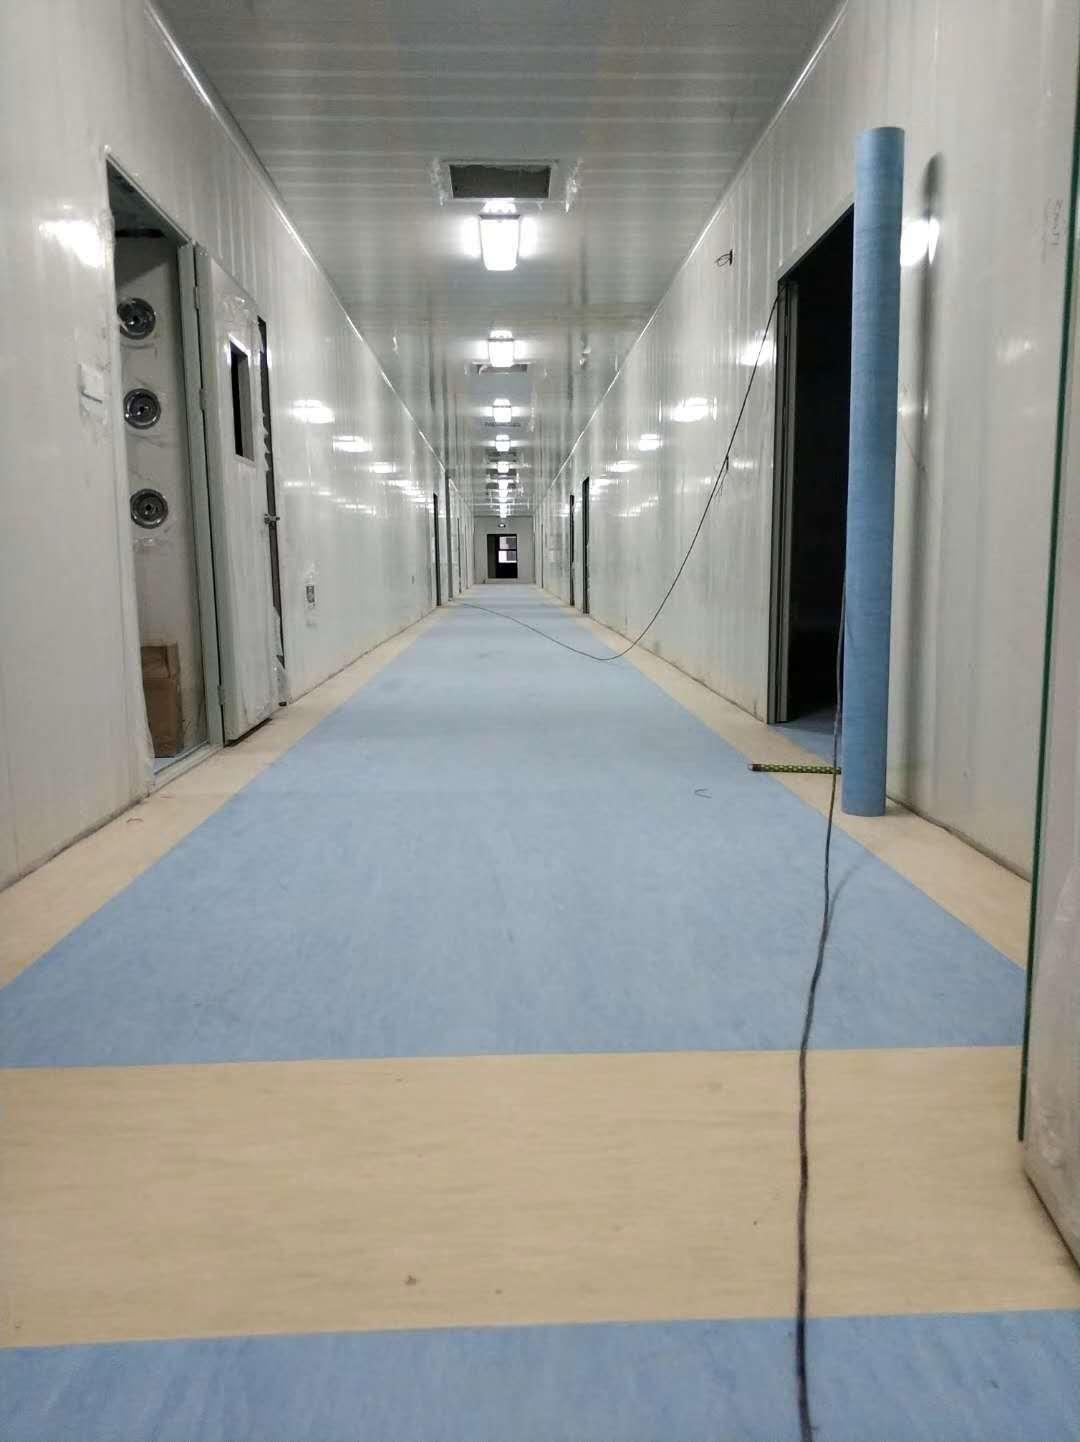 医院净化间塑胶地板施工完毕